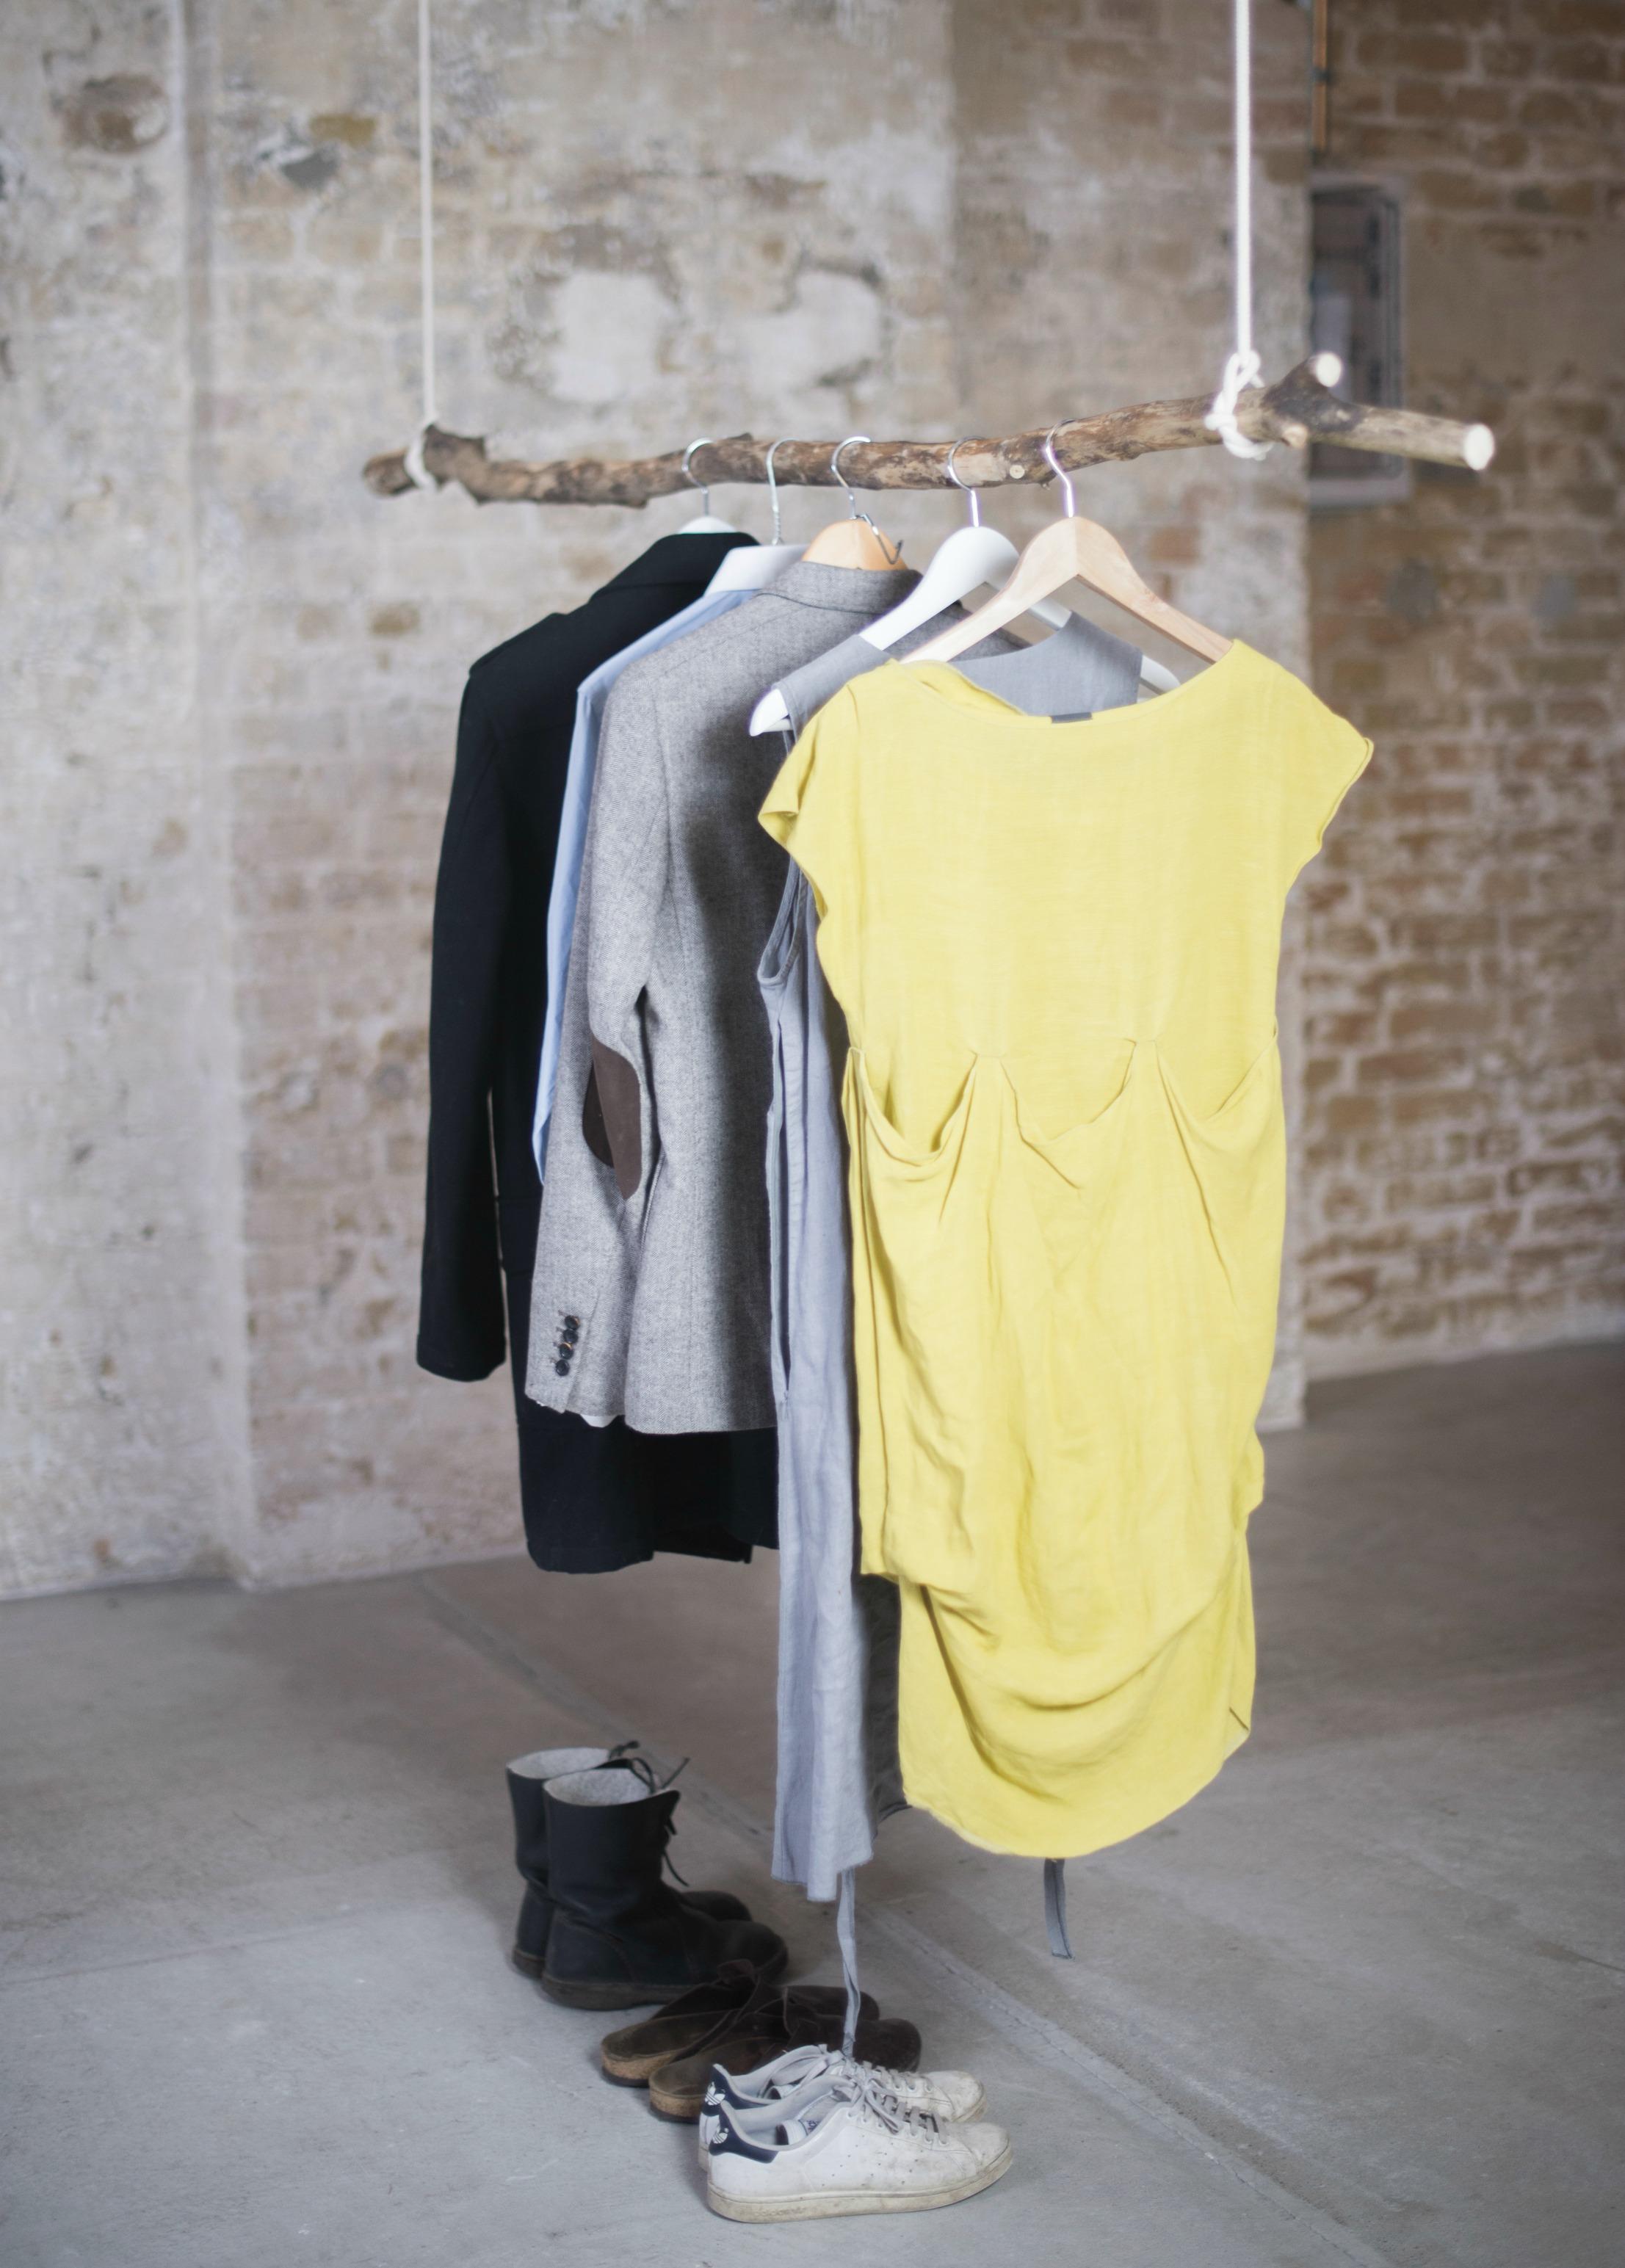 Diy Kleiderstange diy kleiderstande zum selber machen baumstamm ekomia de